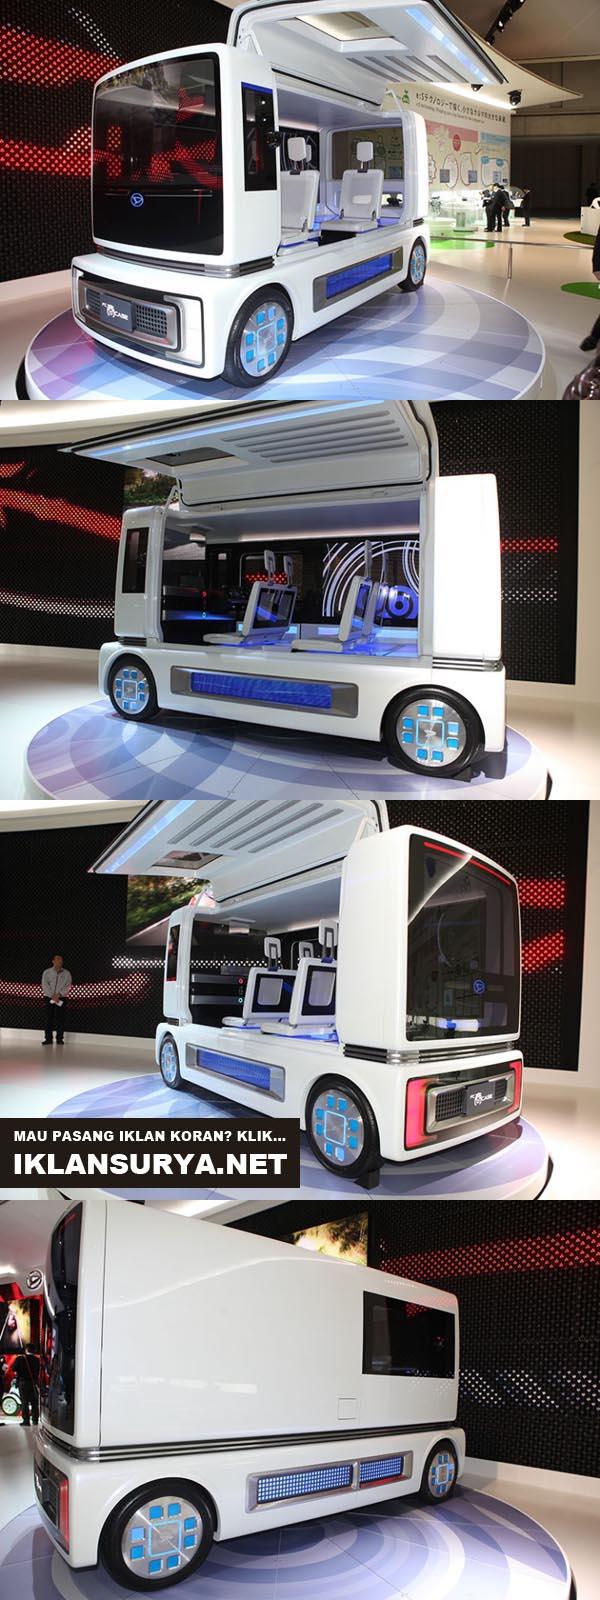 Mobil Daihatsu Terbaik